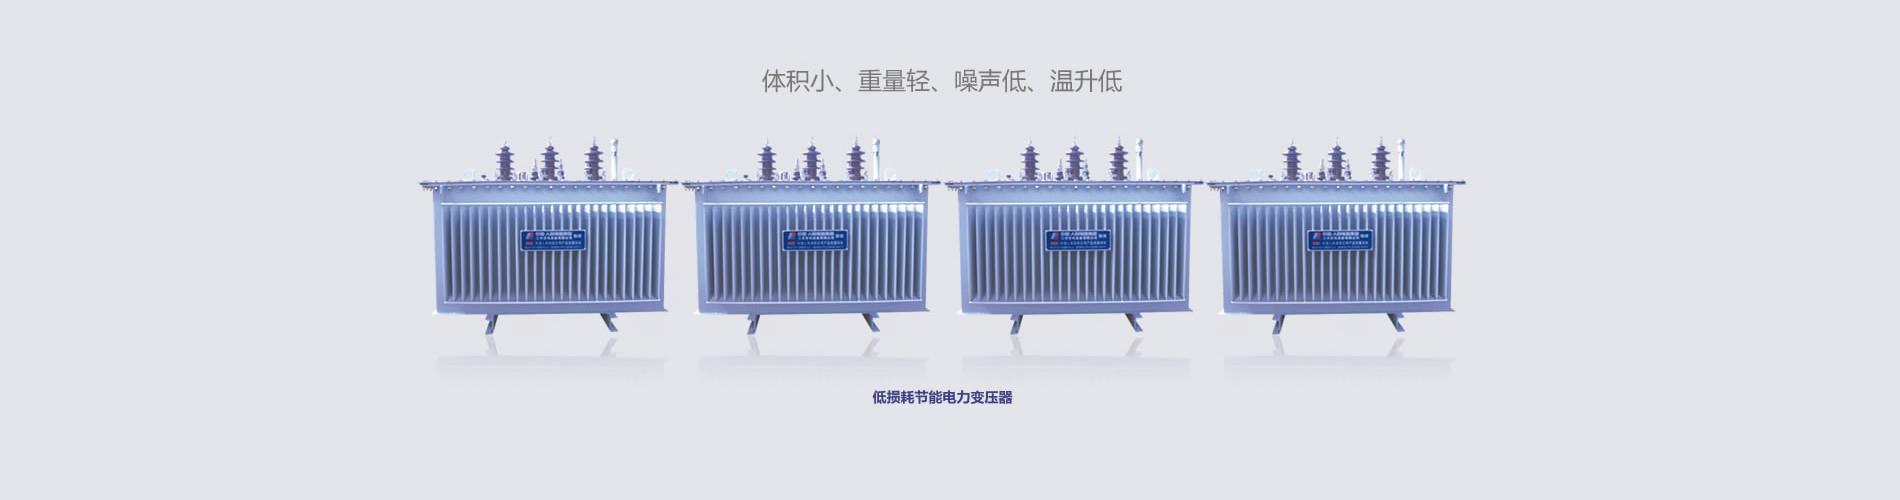 低损耗节能电力变压器